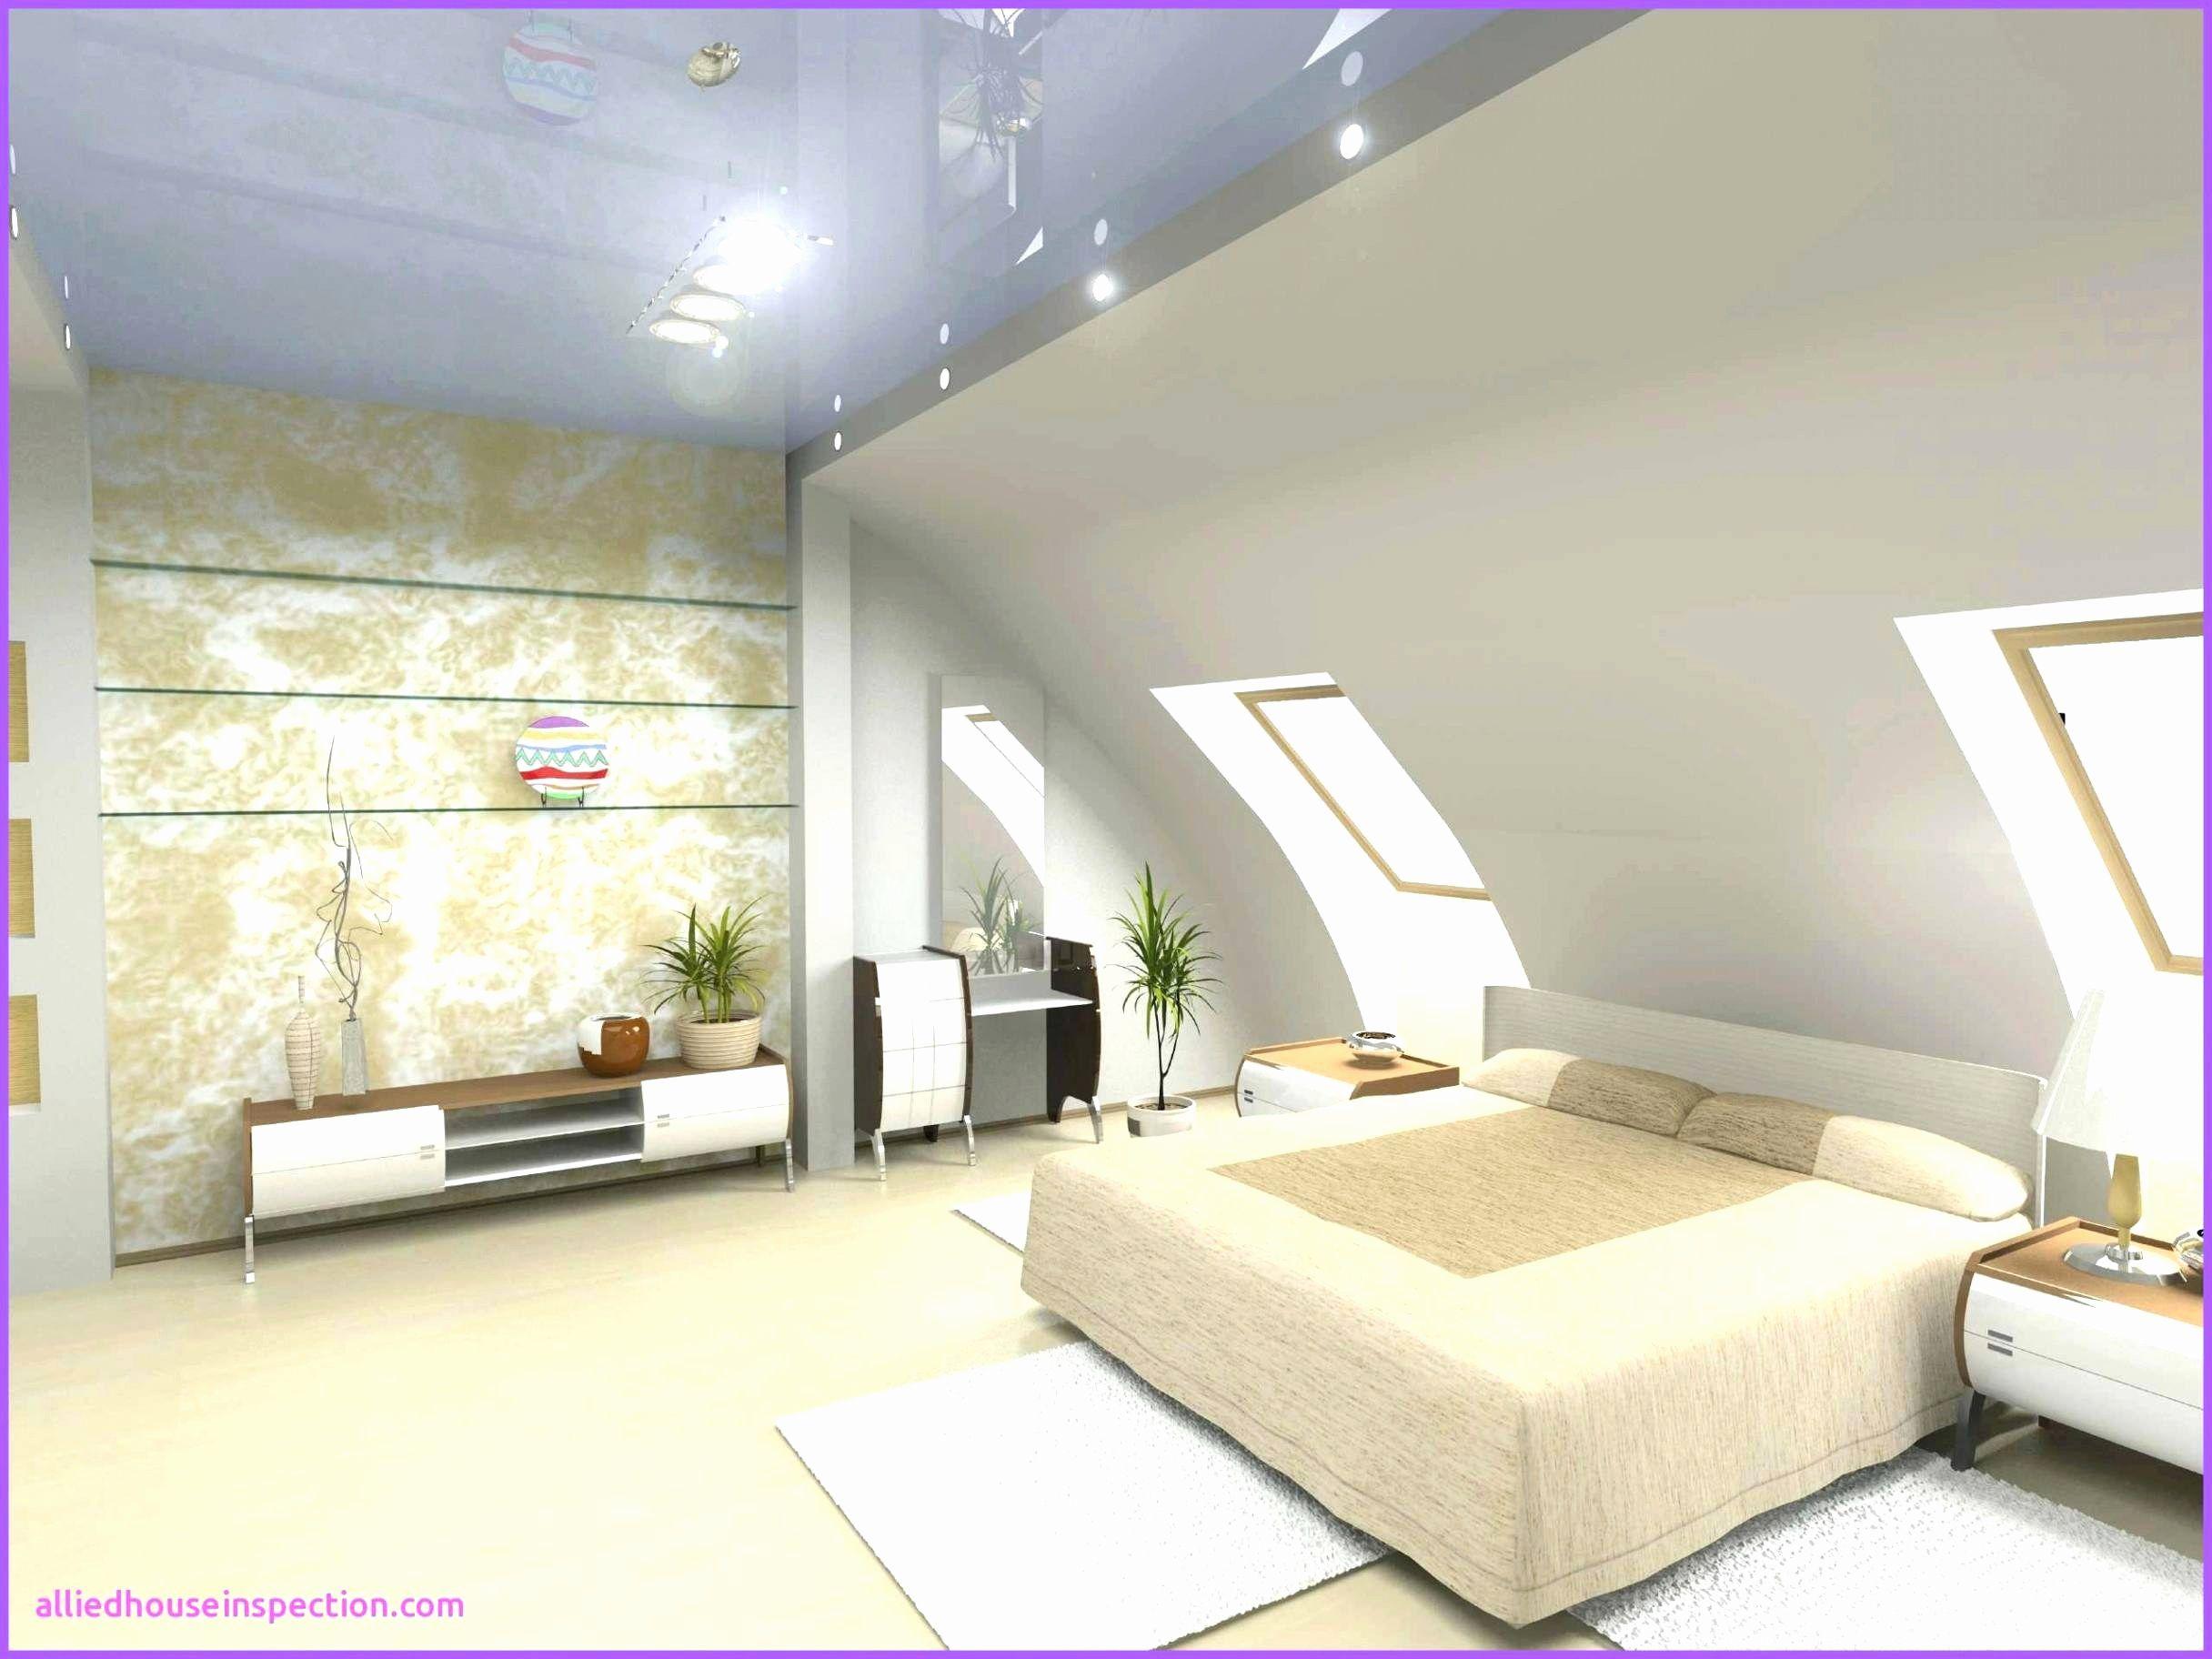 Full Size of Decke Gestalten Selbst Schon Decken Deko Wohnzimmer Schlafzimmer Deckenleuchte Led Küche Deckenleuchten Deckenlampen Modern Deckenlampe Bad Neu Tagesdecke Wohnzimmer Decke Gestalten